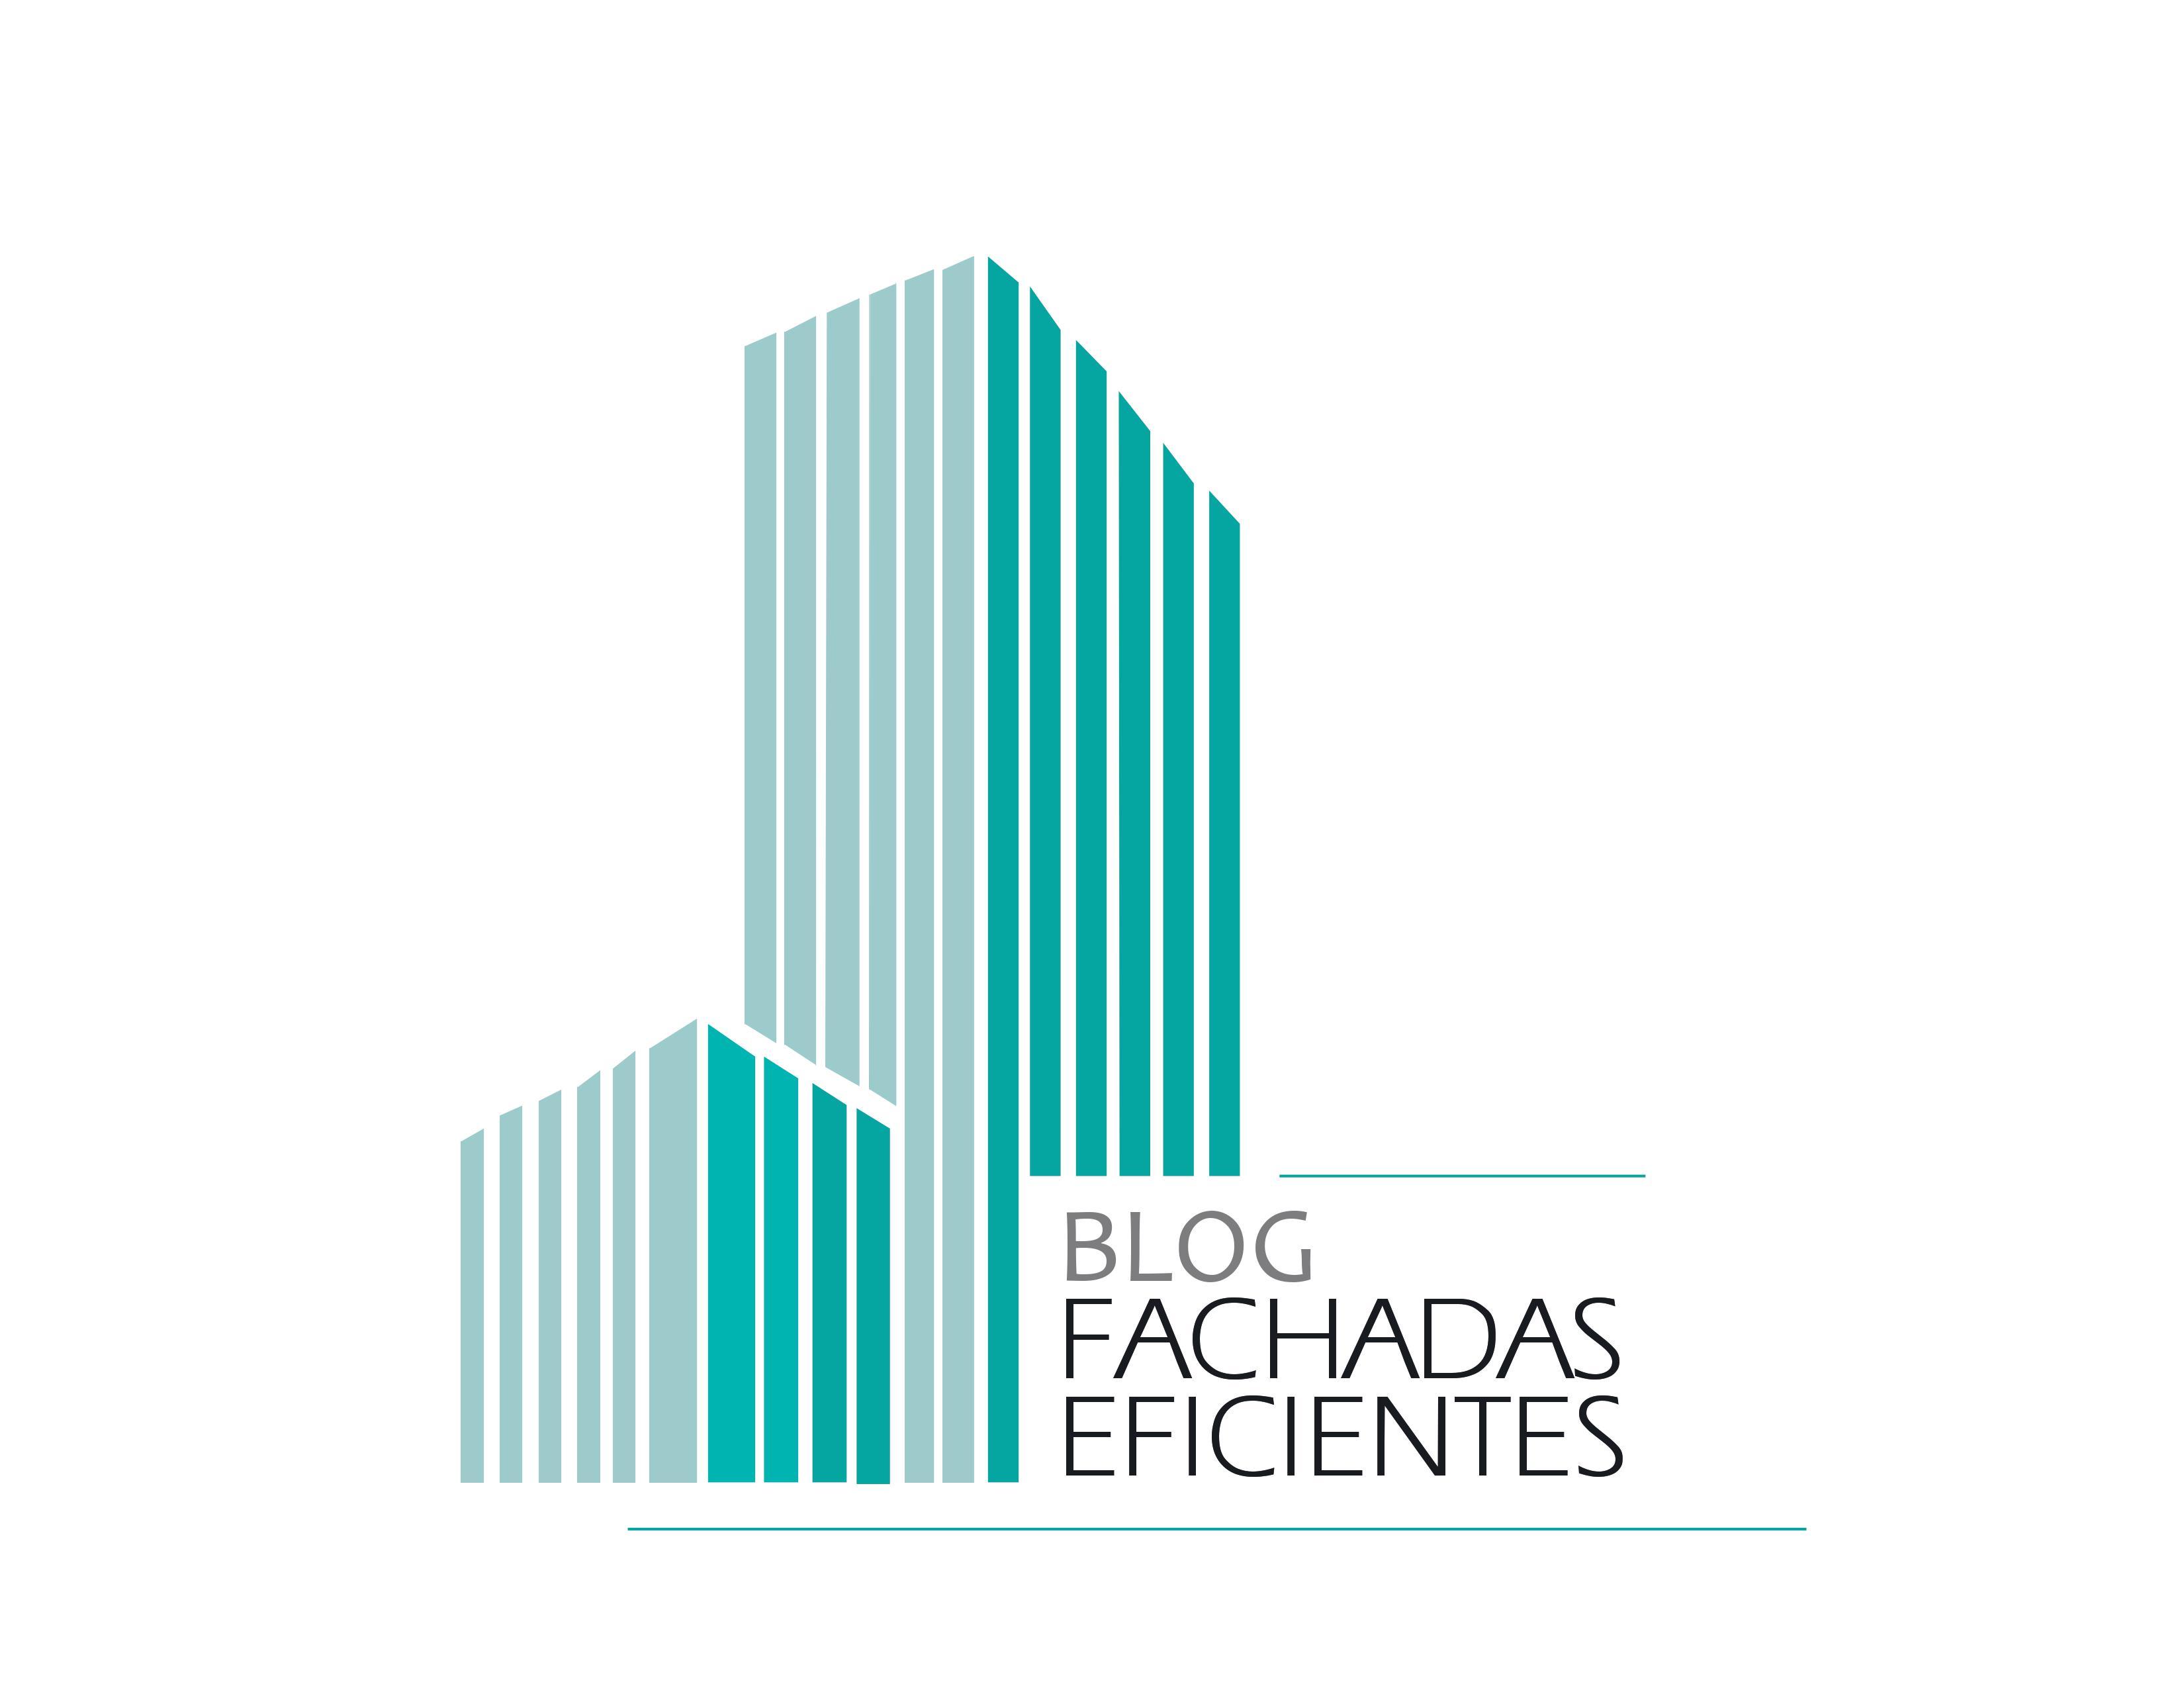 TECNOLOGÍAS PARA FACHADAS EFICIENTES